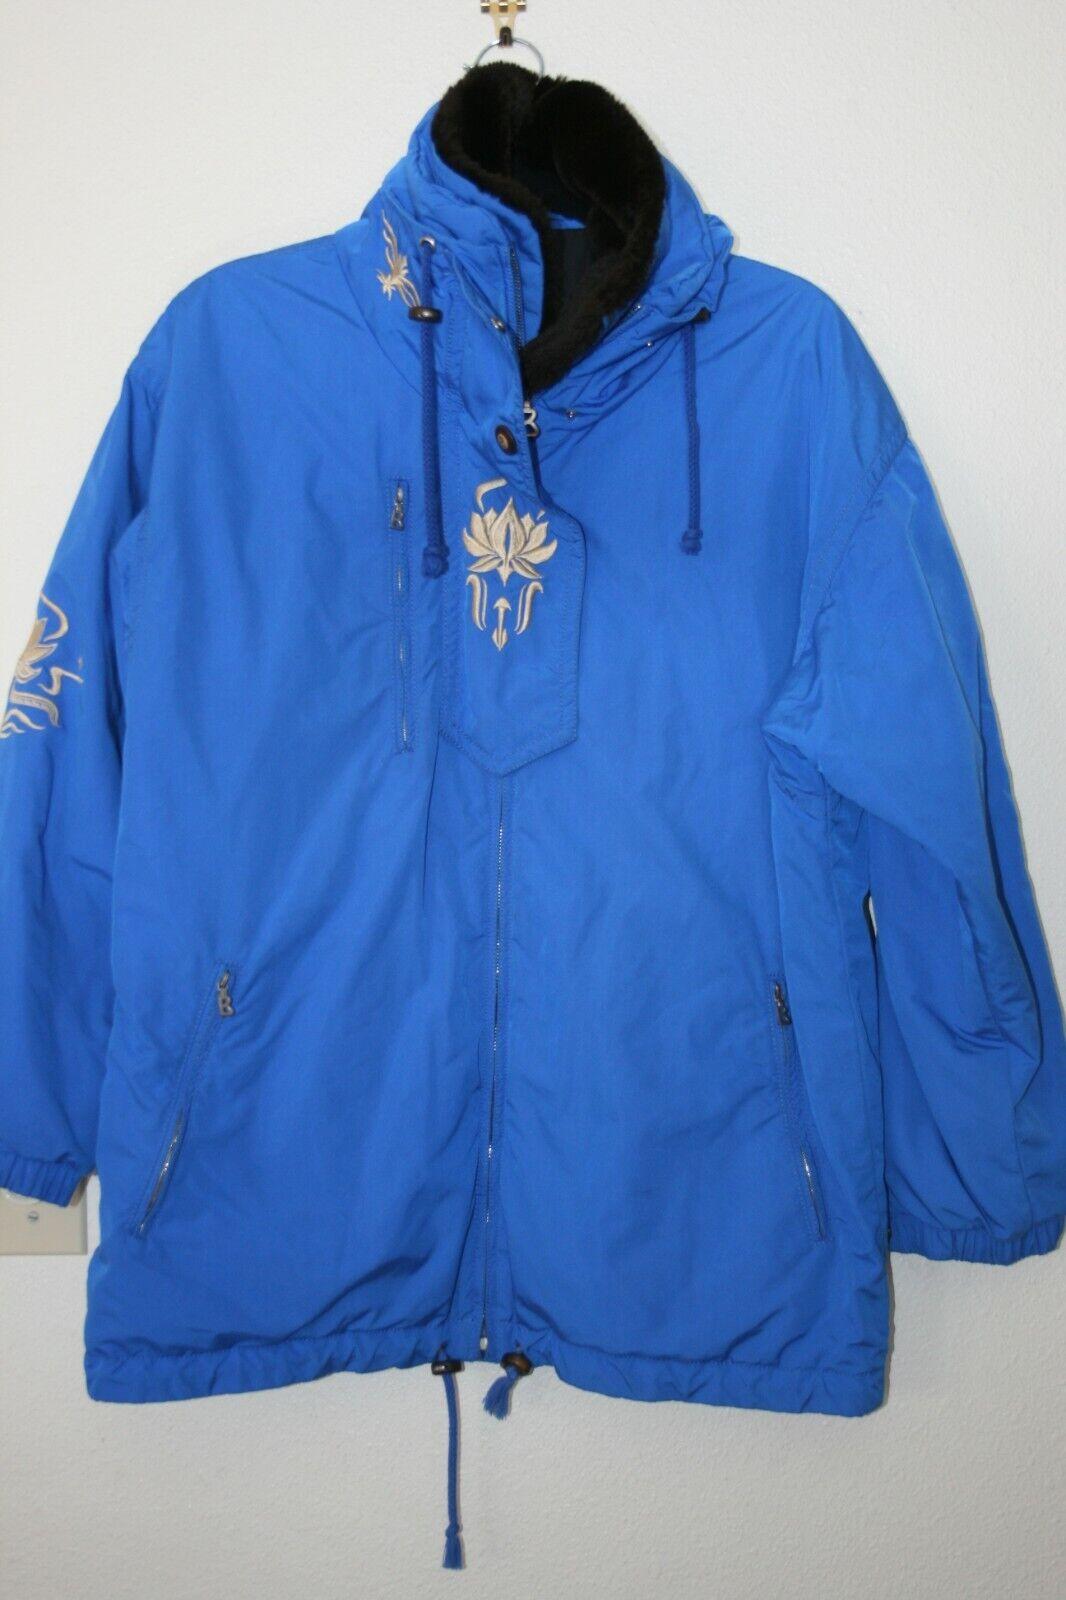 Bogner Vtg Ski Snowboarding Jacket Sz 8 Insulated Blue Embroidered in EUC